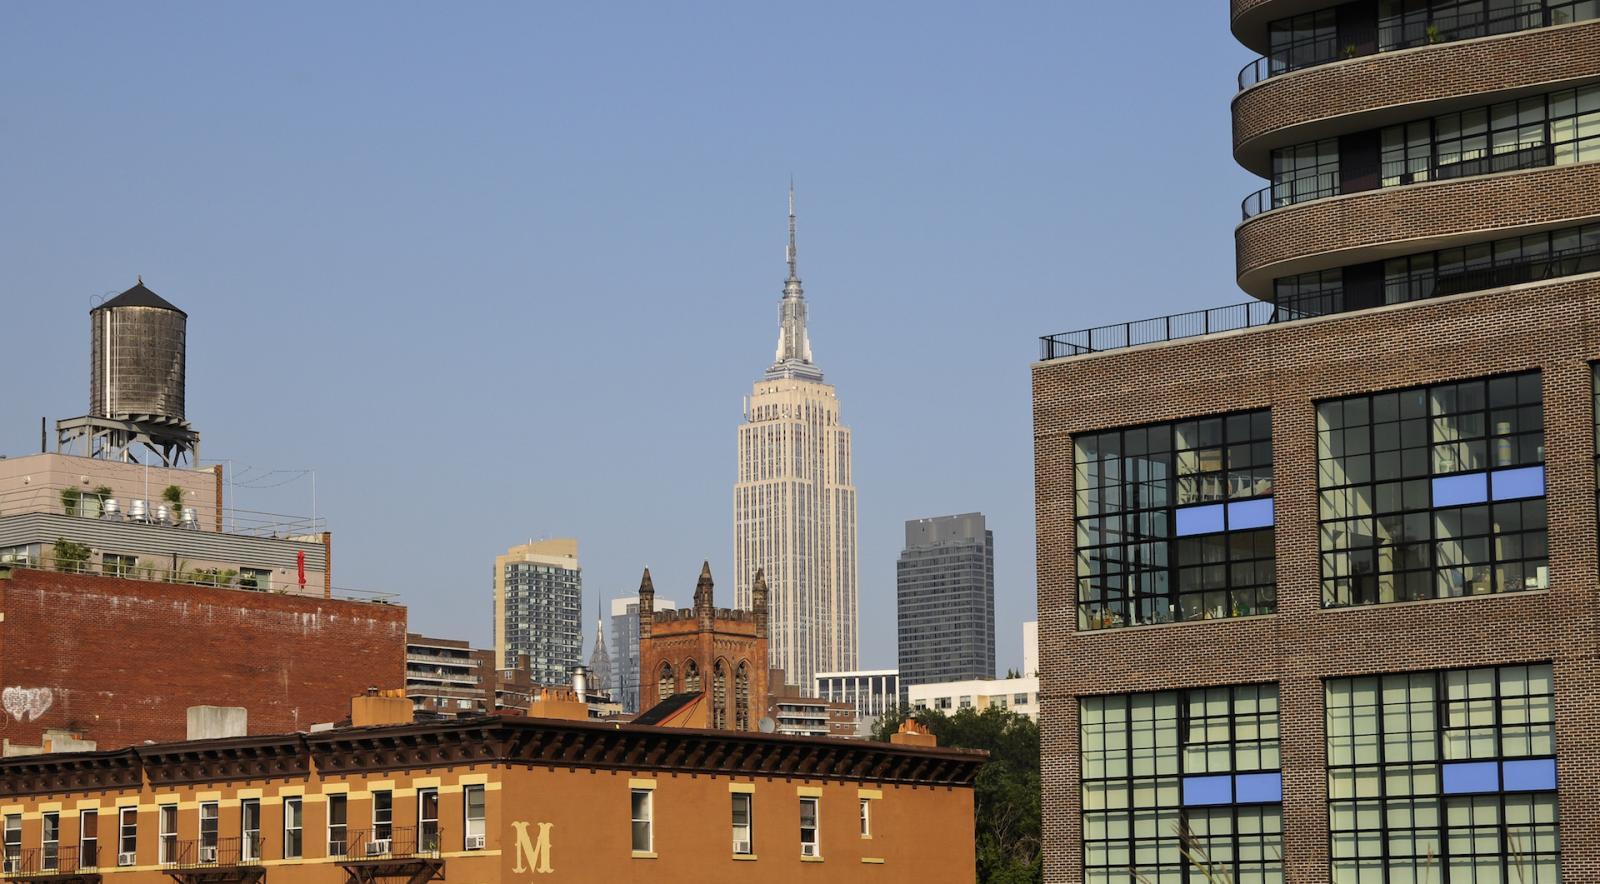 Vista del Empire State desde el High Line Park en el Meatpacking District